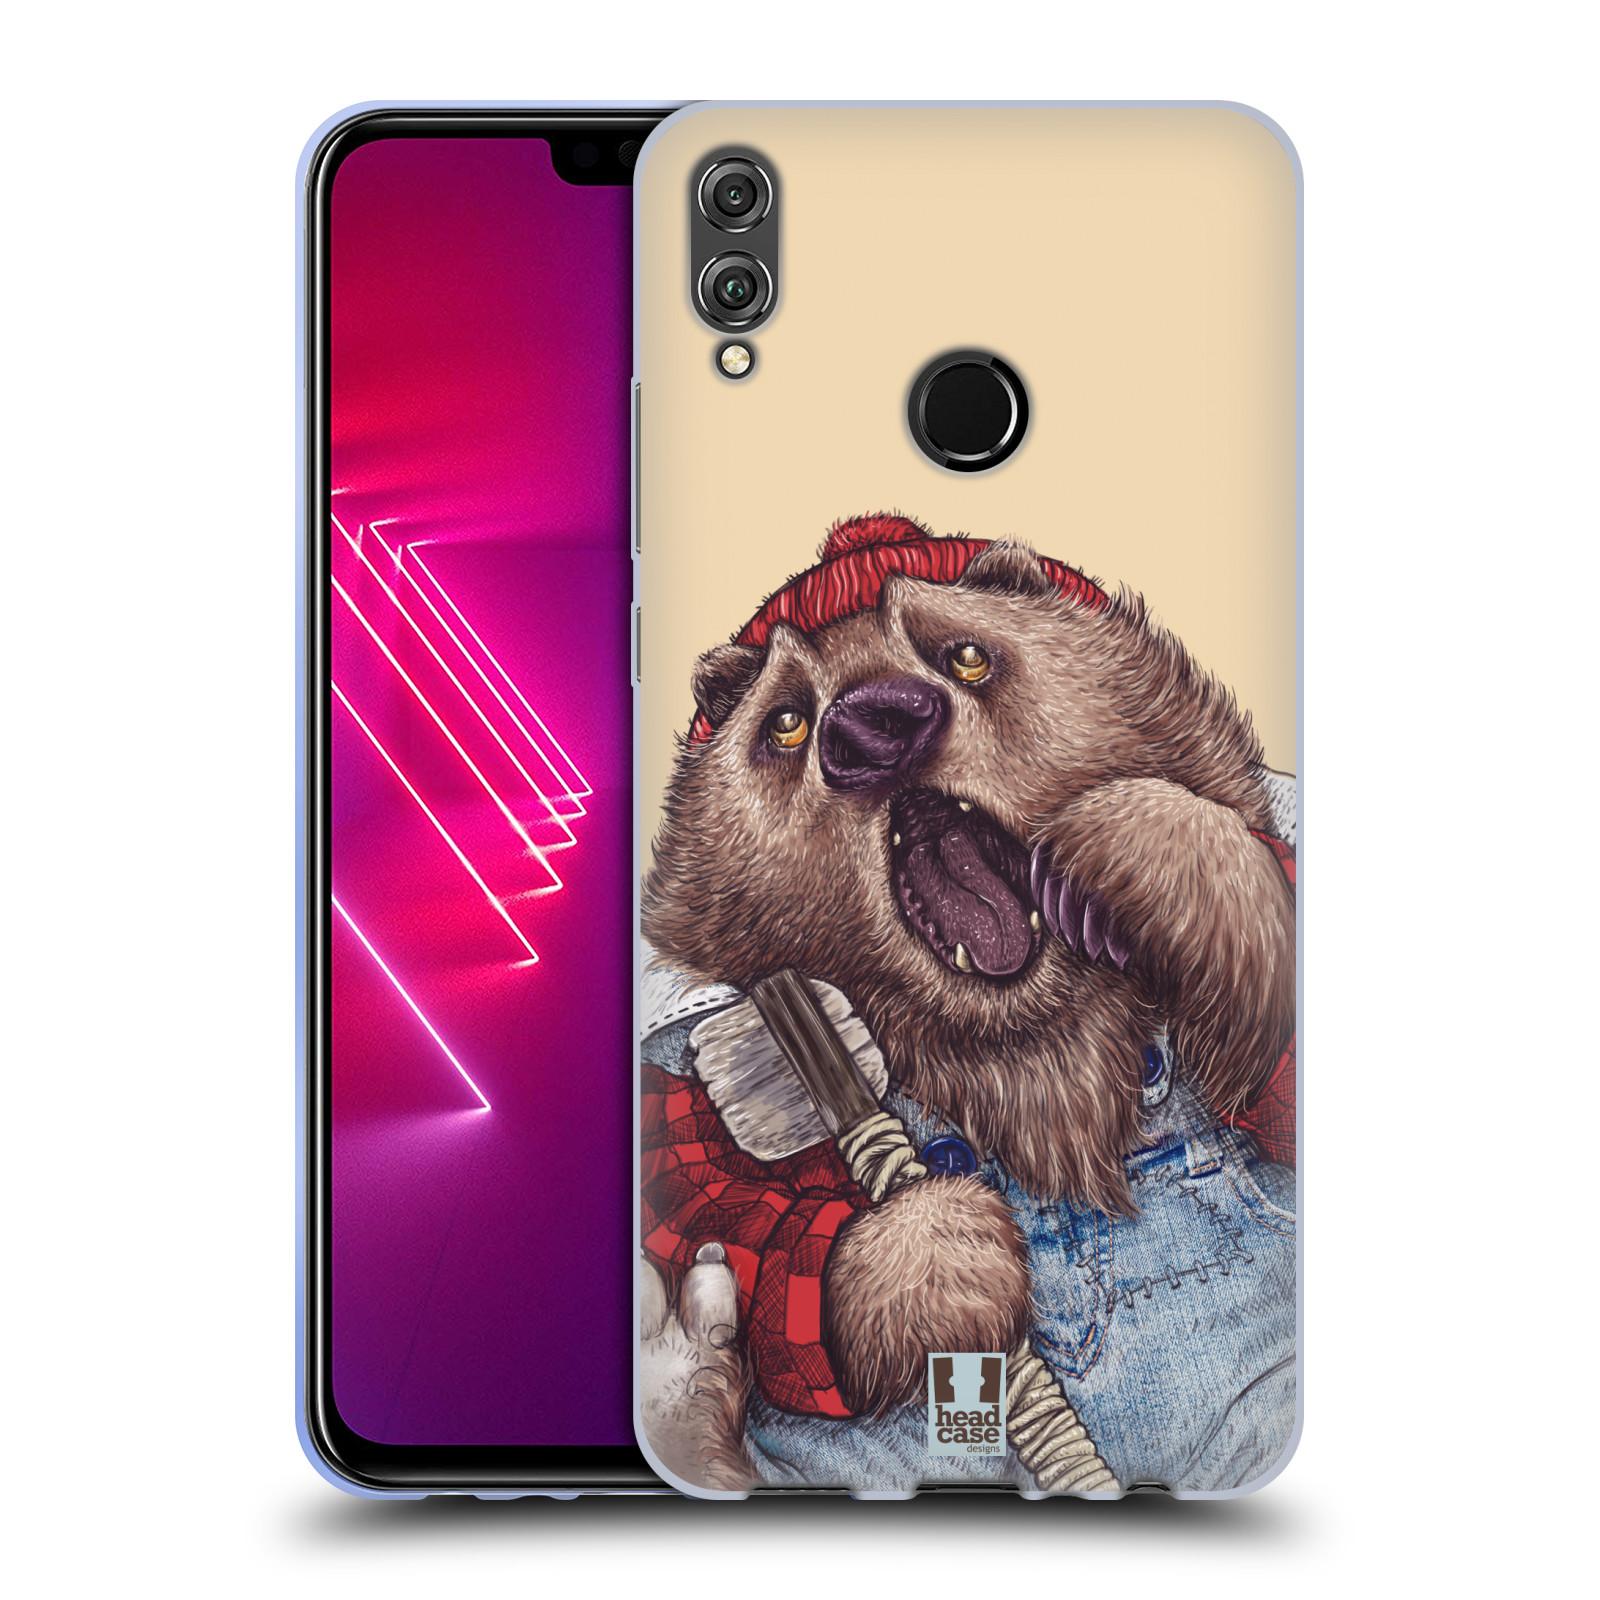 Silikonové pouzdro na mobil Honor View 10 Lite - Head Case - ANIMPLA MEDVĚD